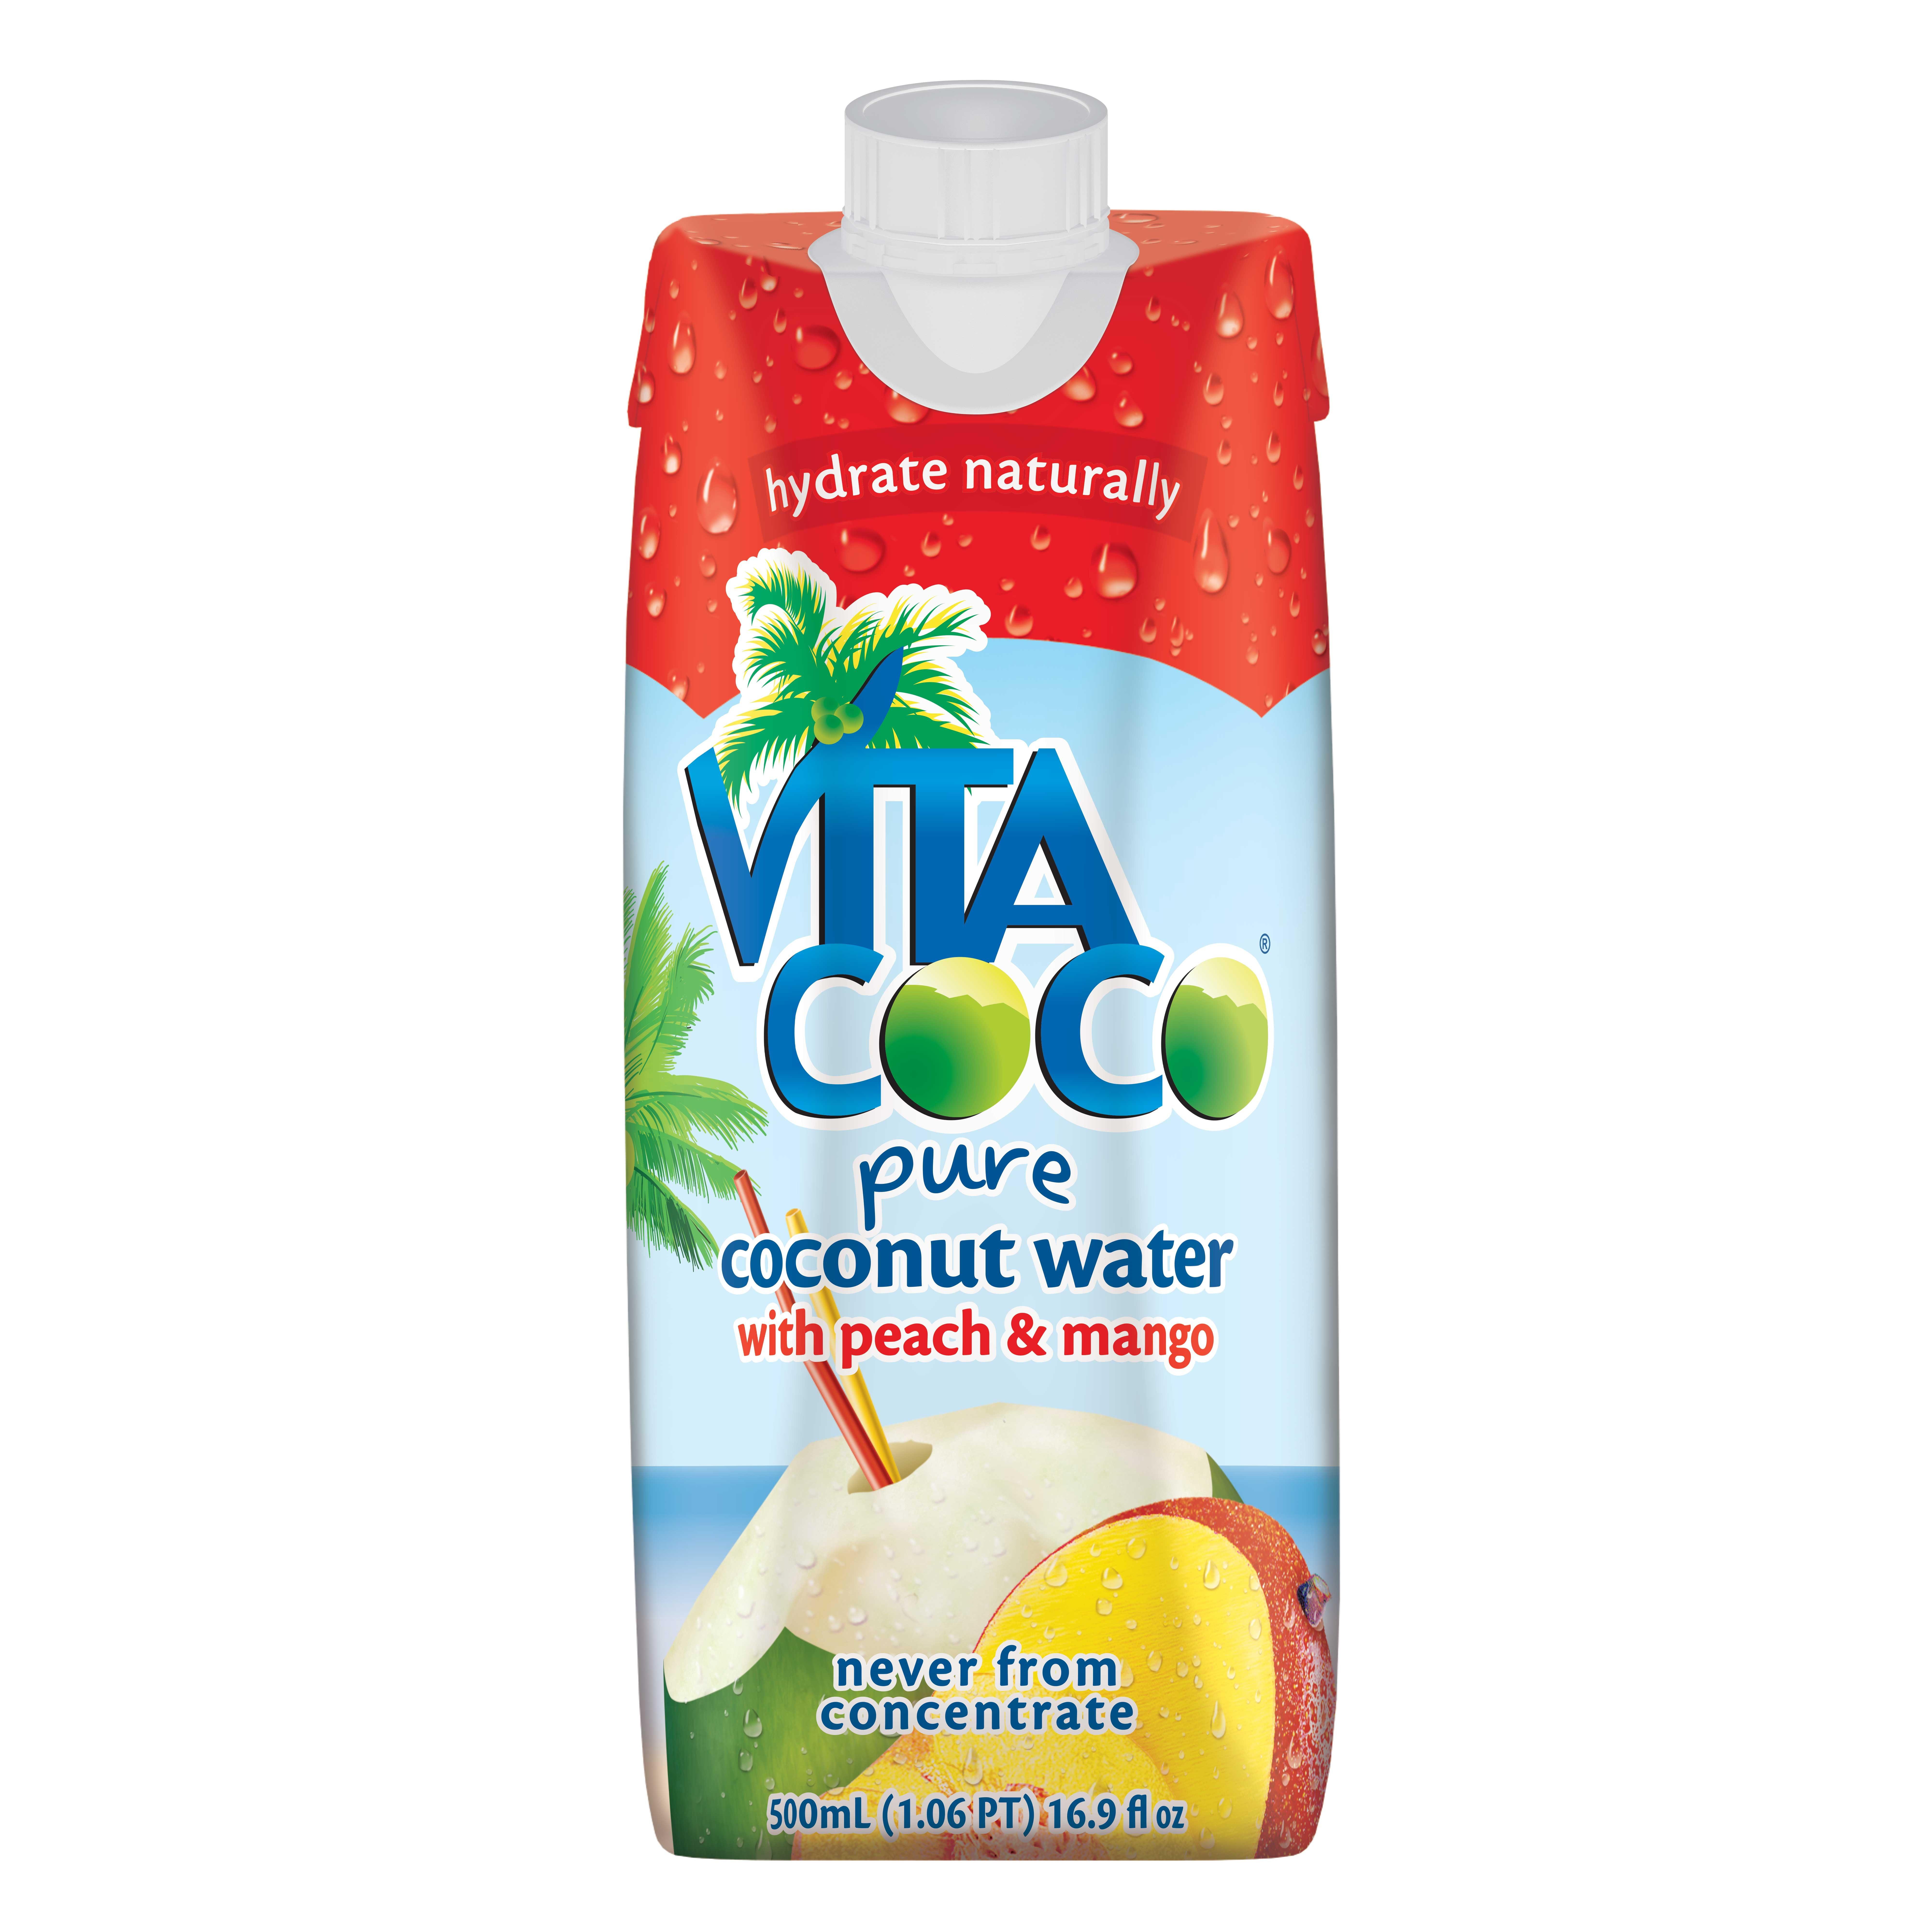 Vita Coco Coconut Water, Peach Mango, 16.9 Fl Oz, 12 Ct